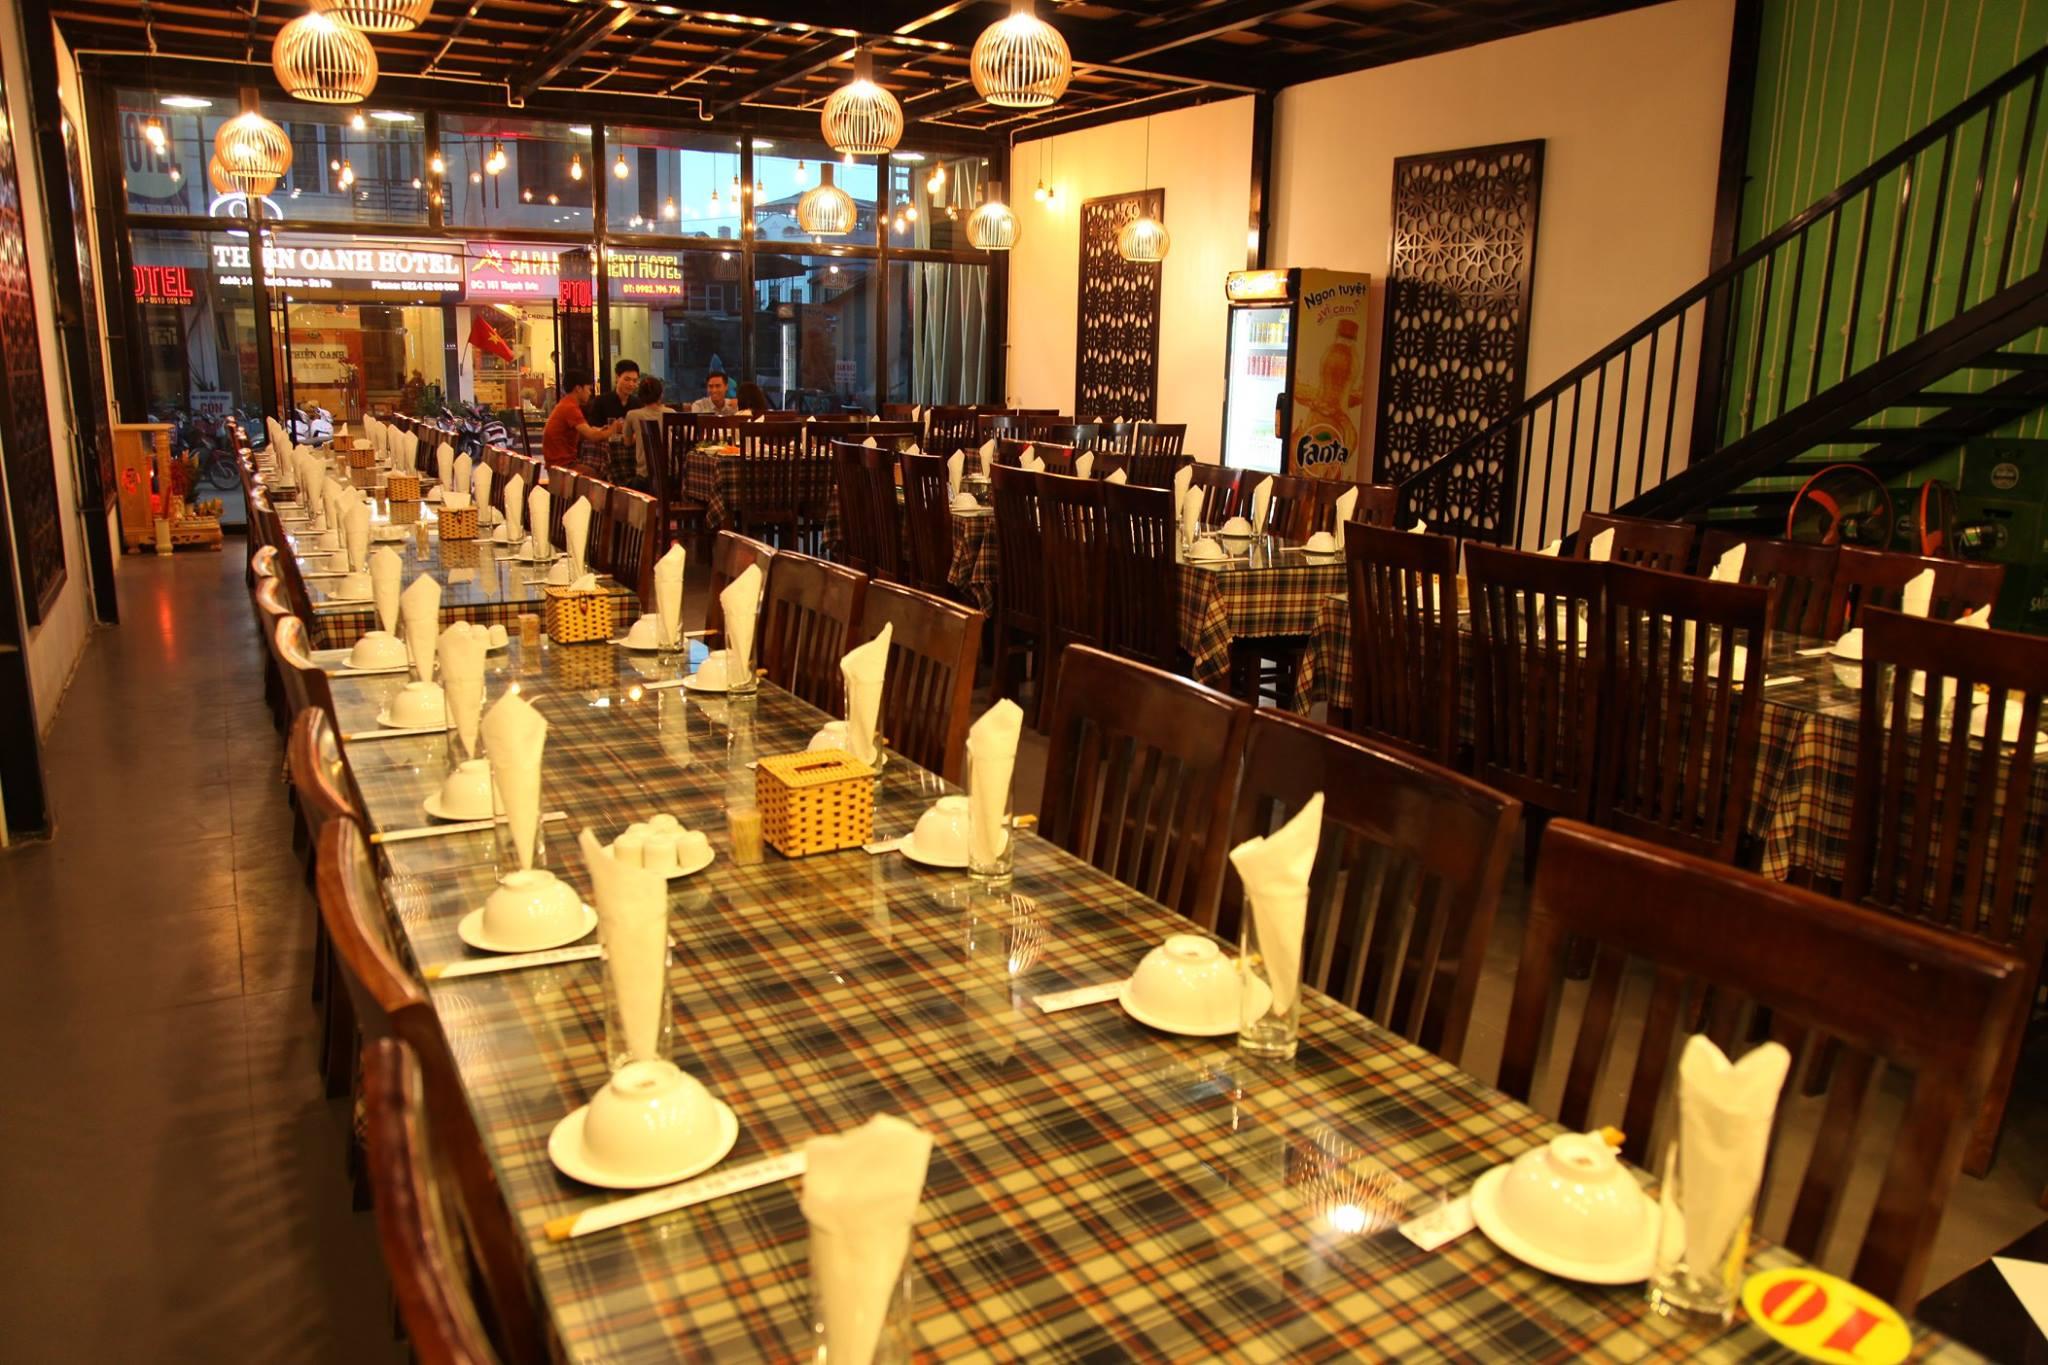 Khám phá những nhà hàng ở Sapa được hội sành ăn 'review' nhiều nhất  - Ảnh 9.